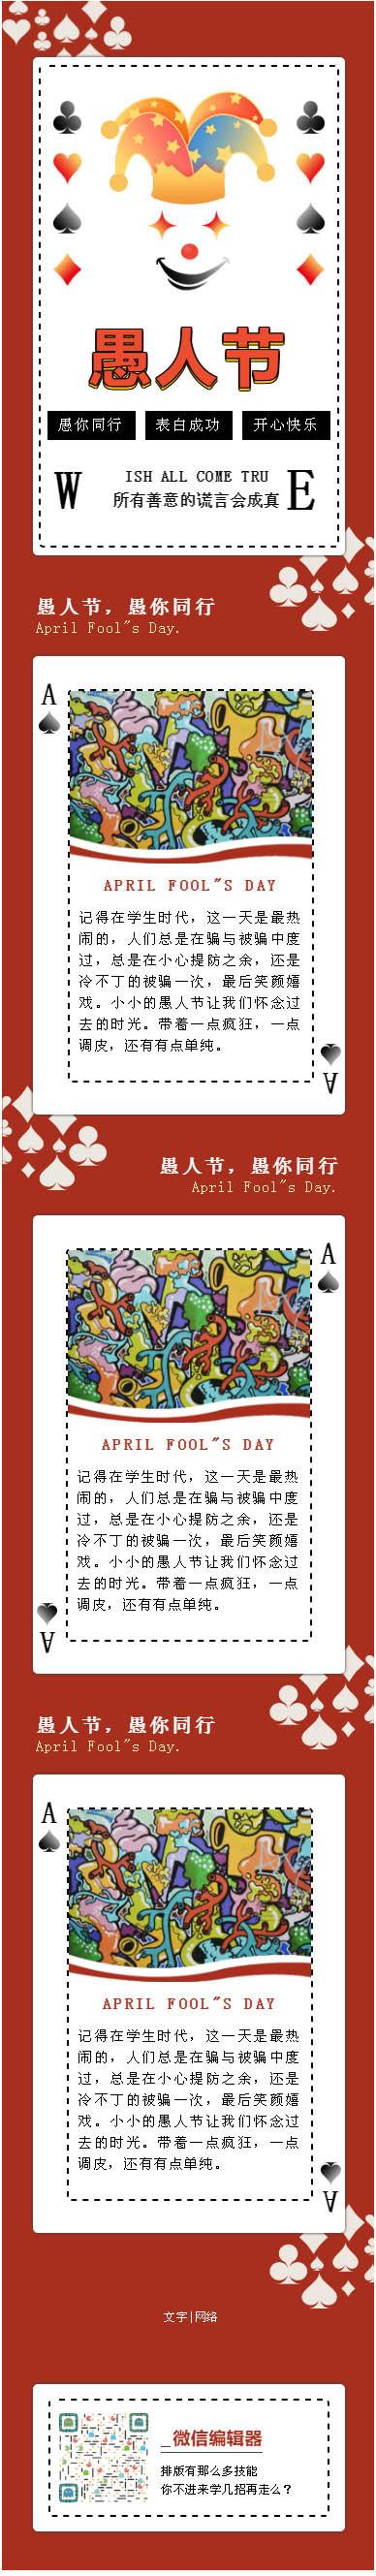 愚人节西方节日微信公众号模板推送图文营销推文素材